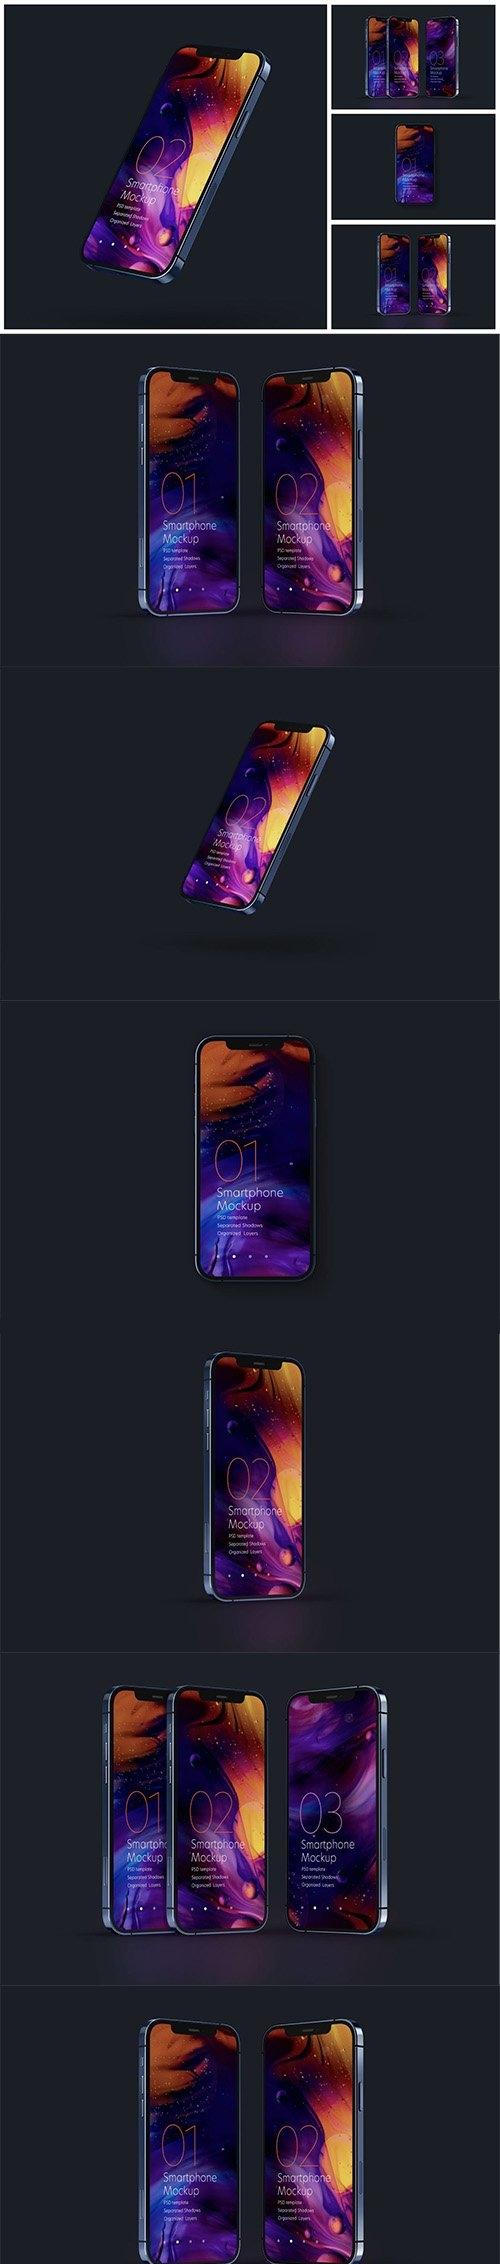 iPhone 12 Pro Mockup Set